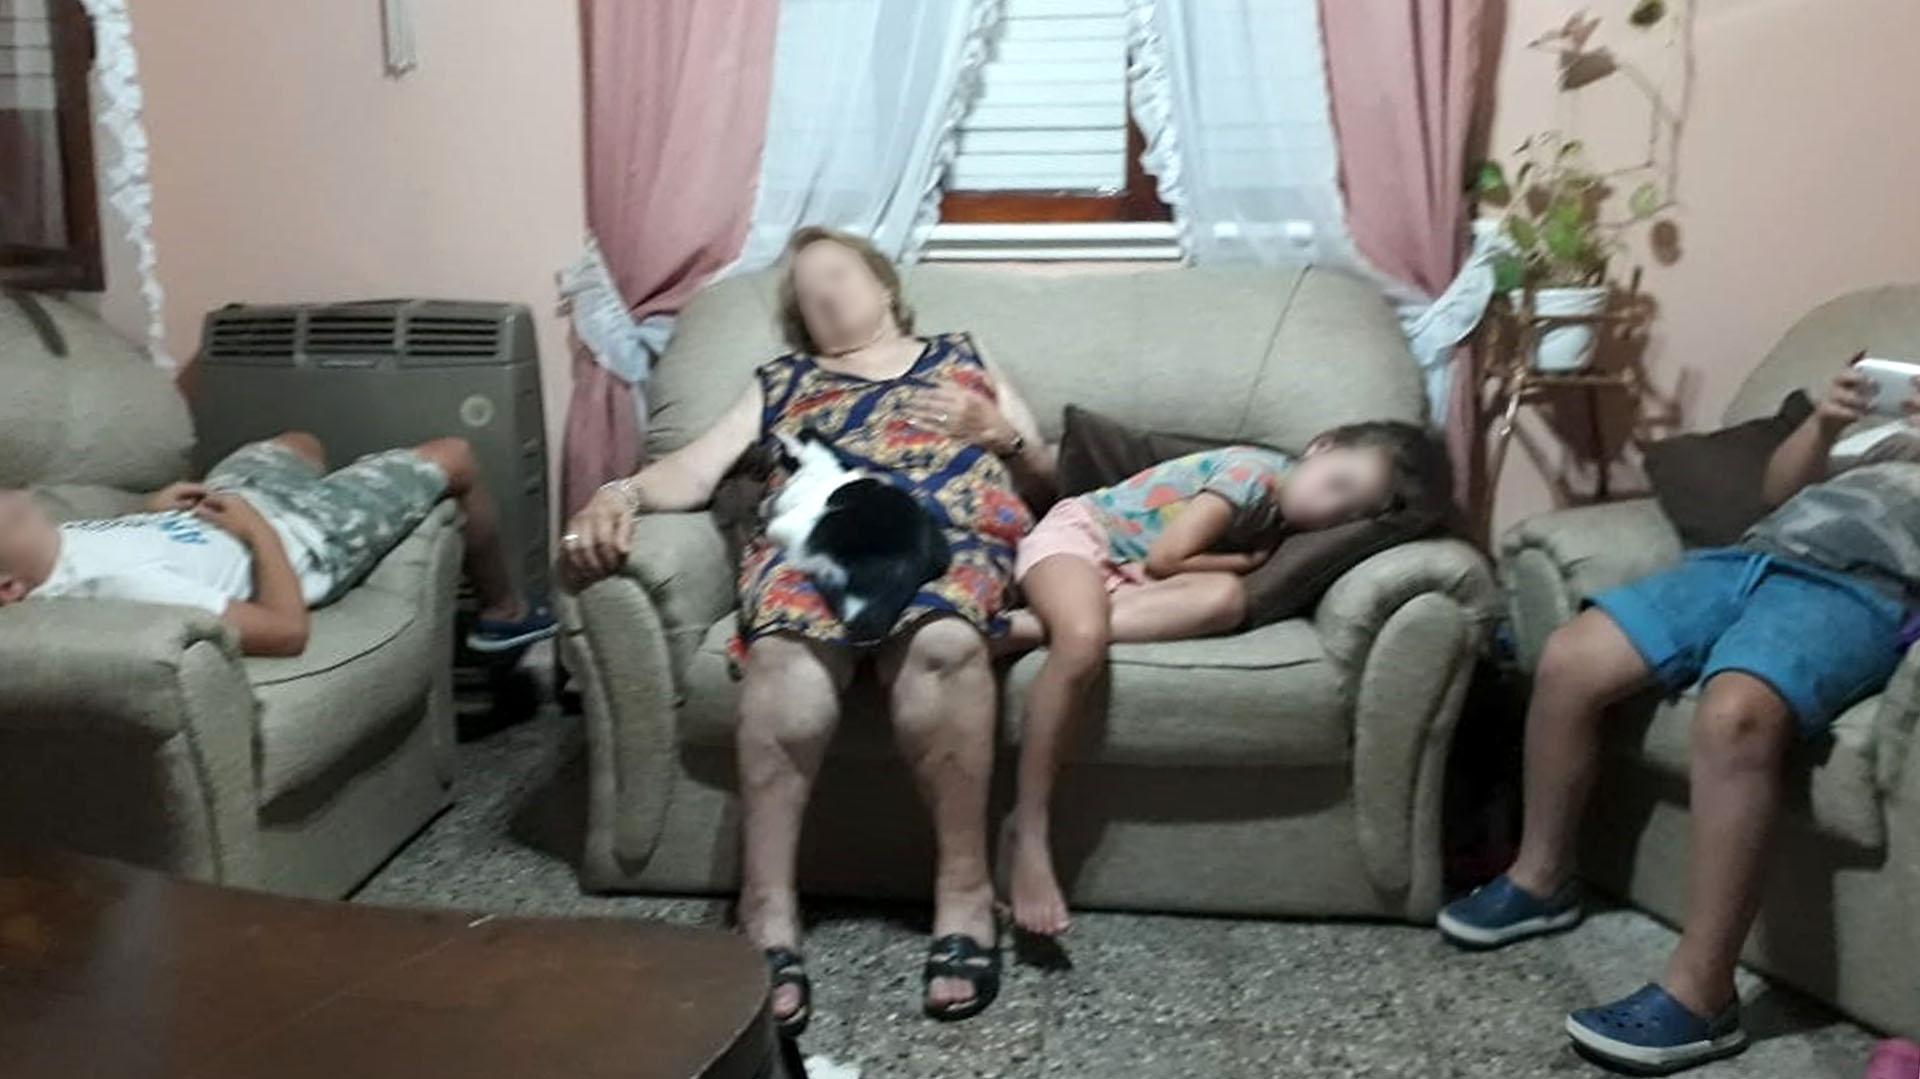 Abuelas Violadas En Grupo Videos Porno una abuela de 85 años fue violada y asaltada en la plata